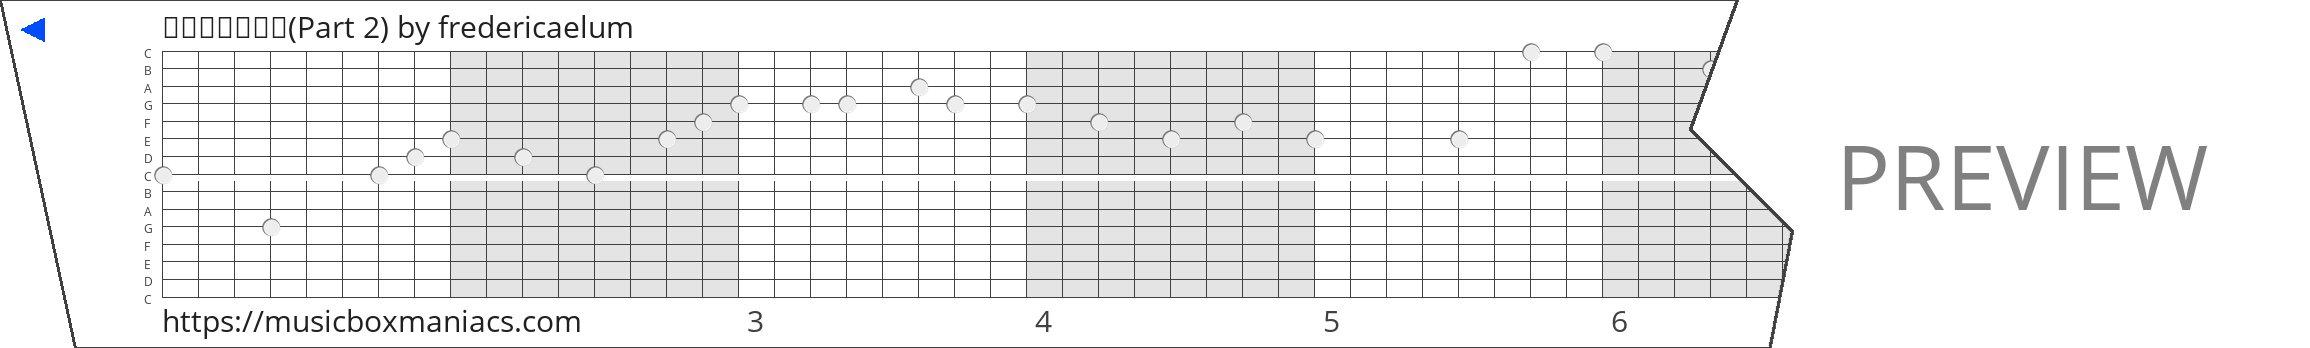 初音ミクの消失(Part 2) 15 note music box paper strip